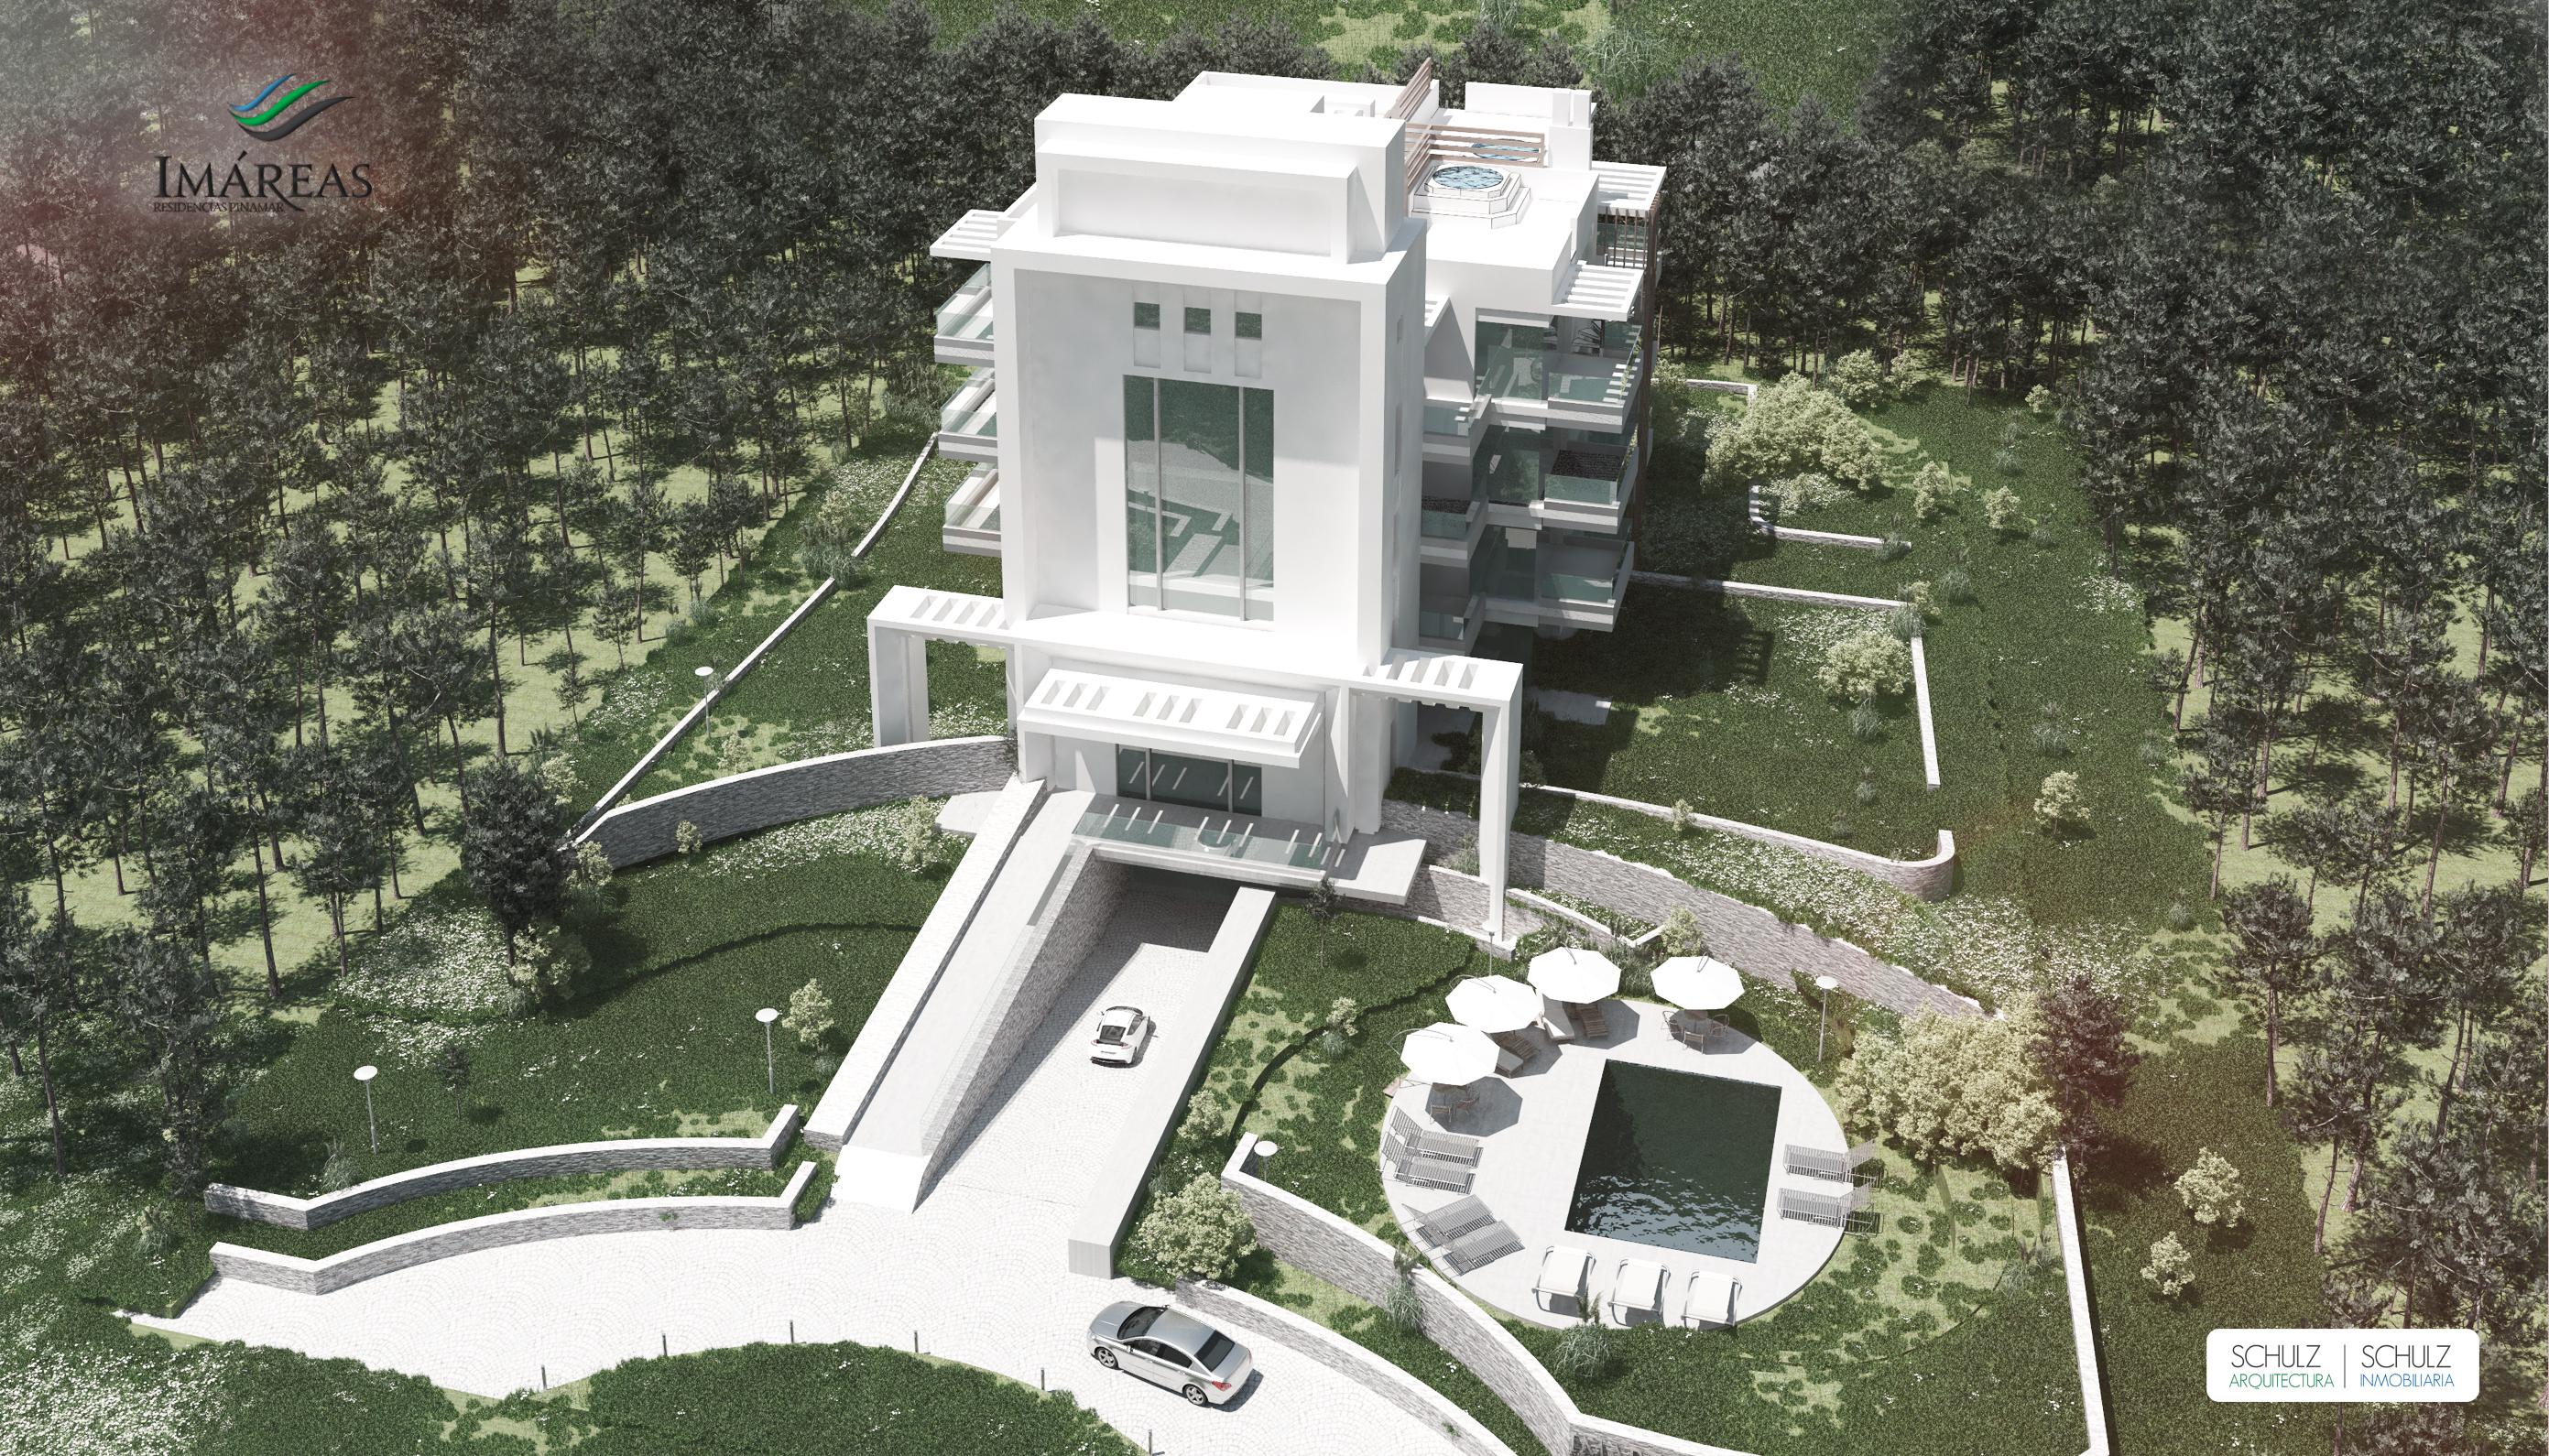 Edificio Imareas